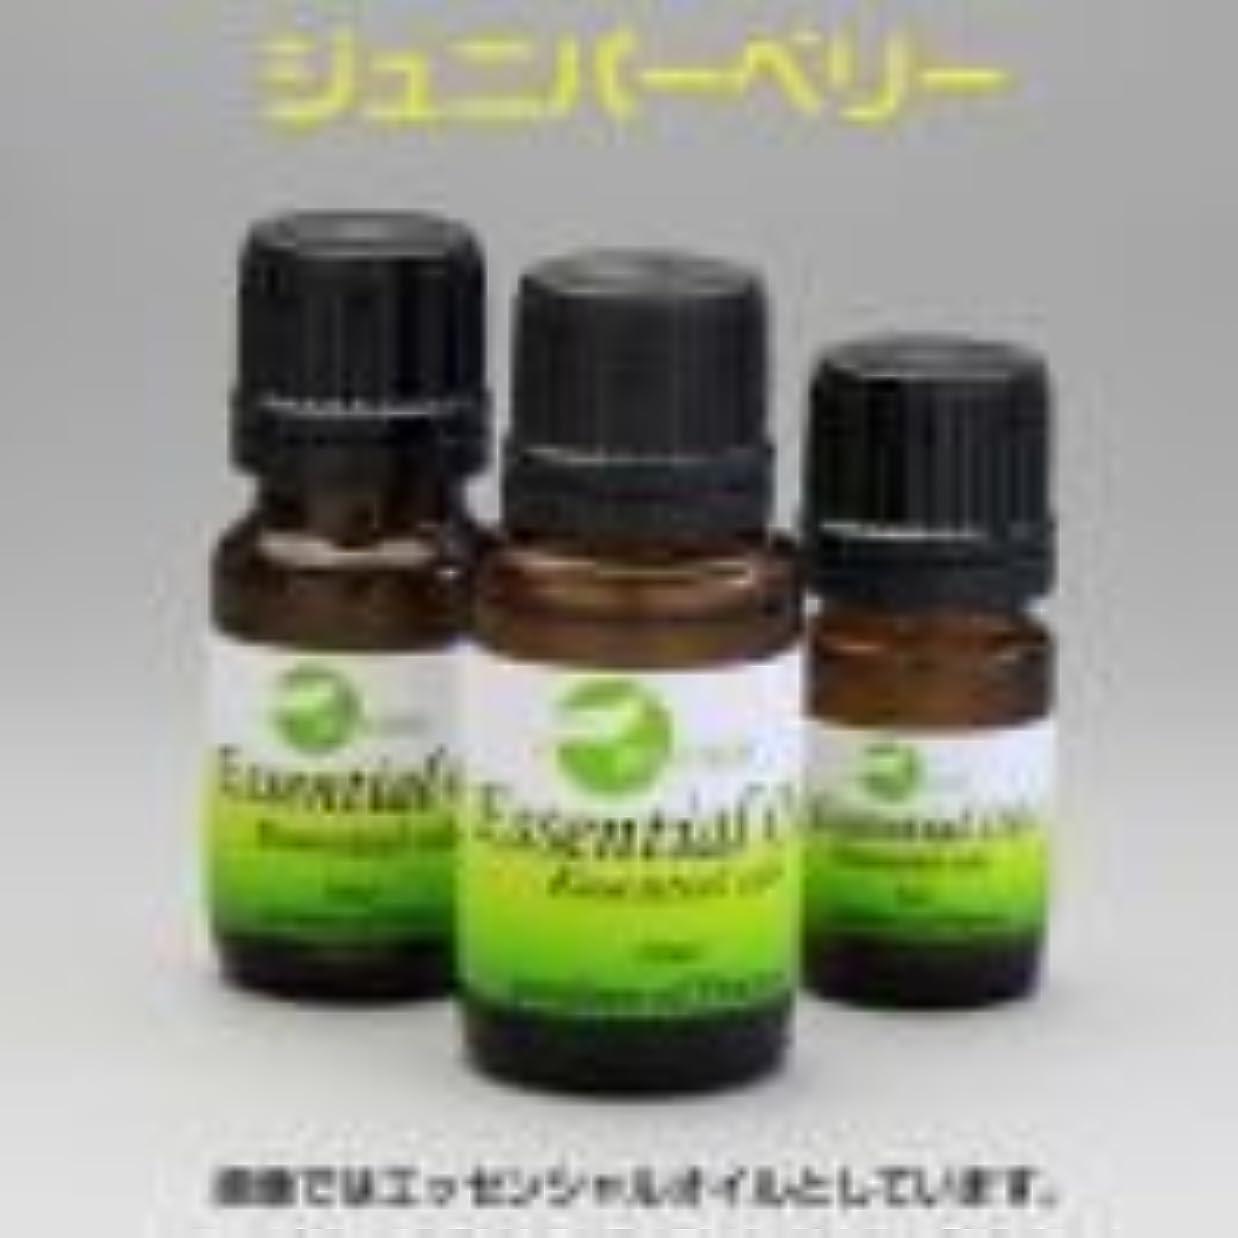 同一性責ノイズ[エッセンシャルオイル] 松の針葉に似たフレッシュな樹脂の香り ジュニパーベリー 15ml